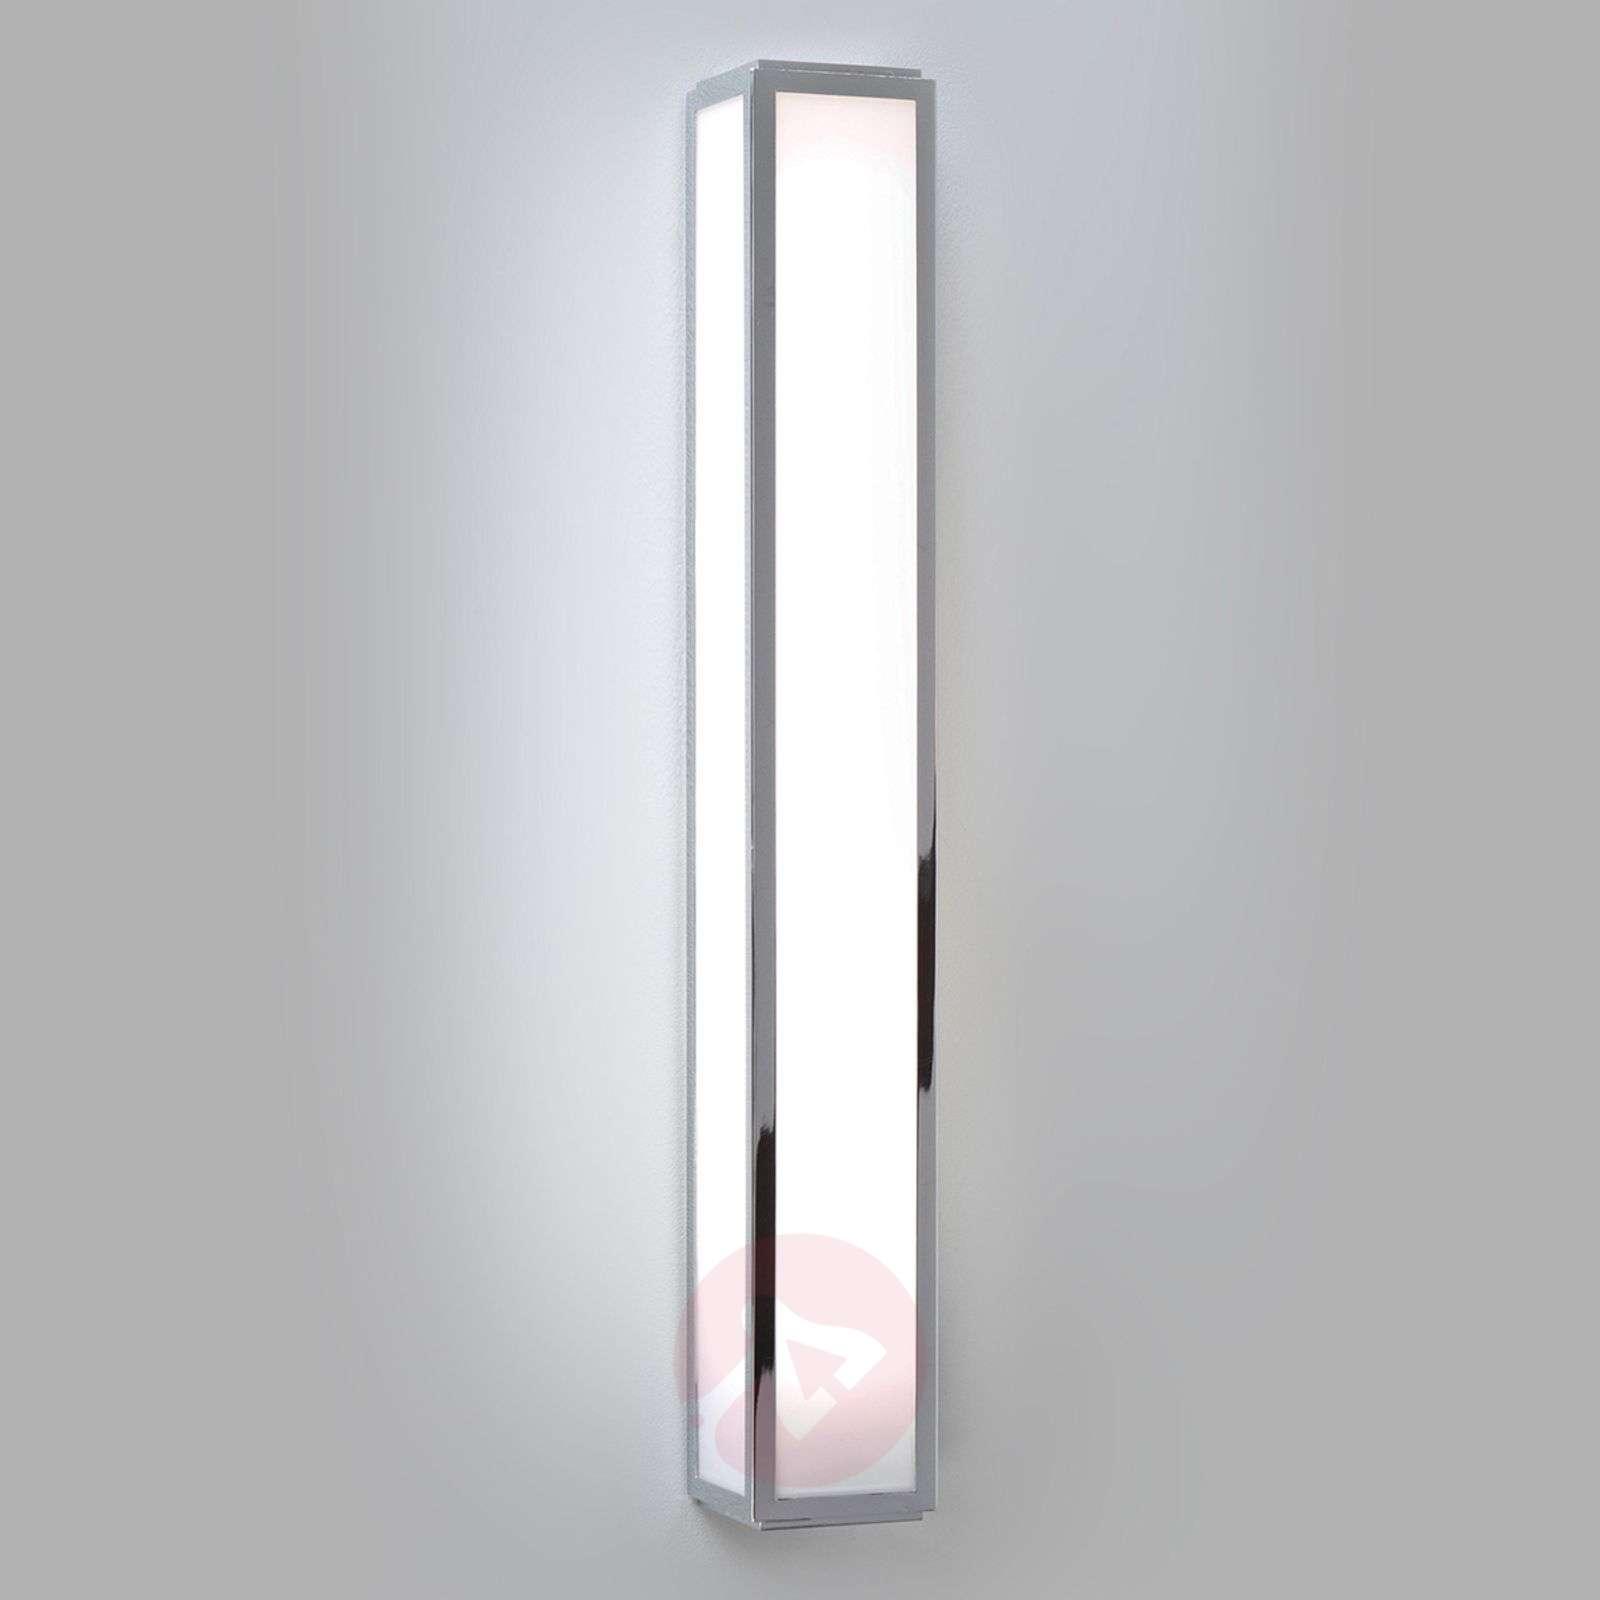 Valikoitu seinävalaisin MASHIKO, pituus 50 cm-1020049-03